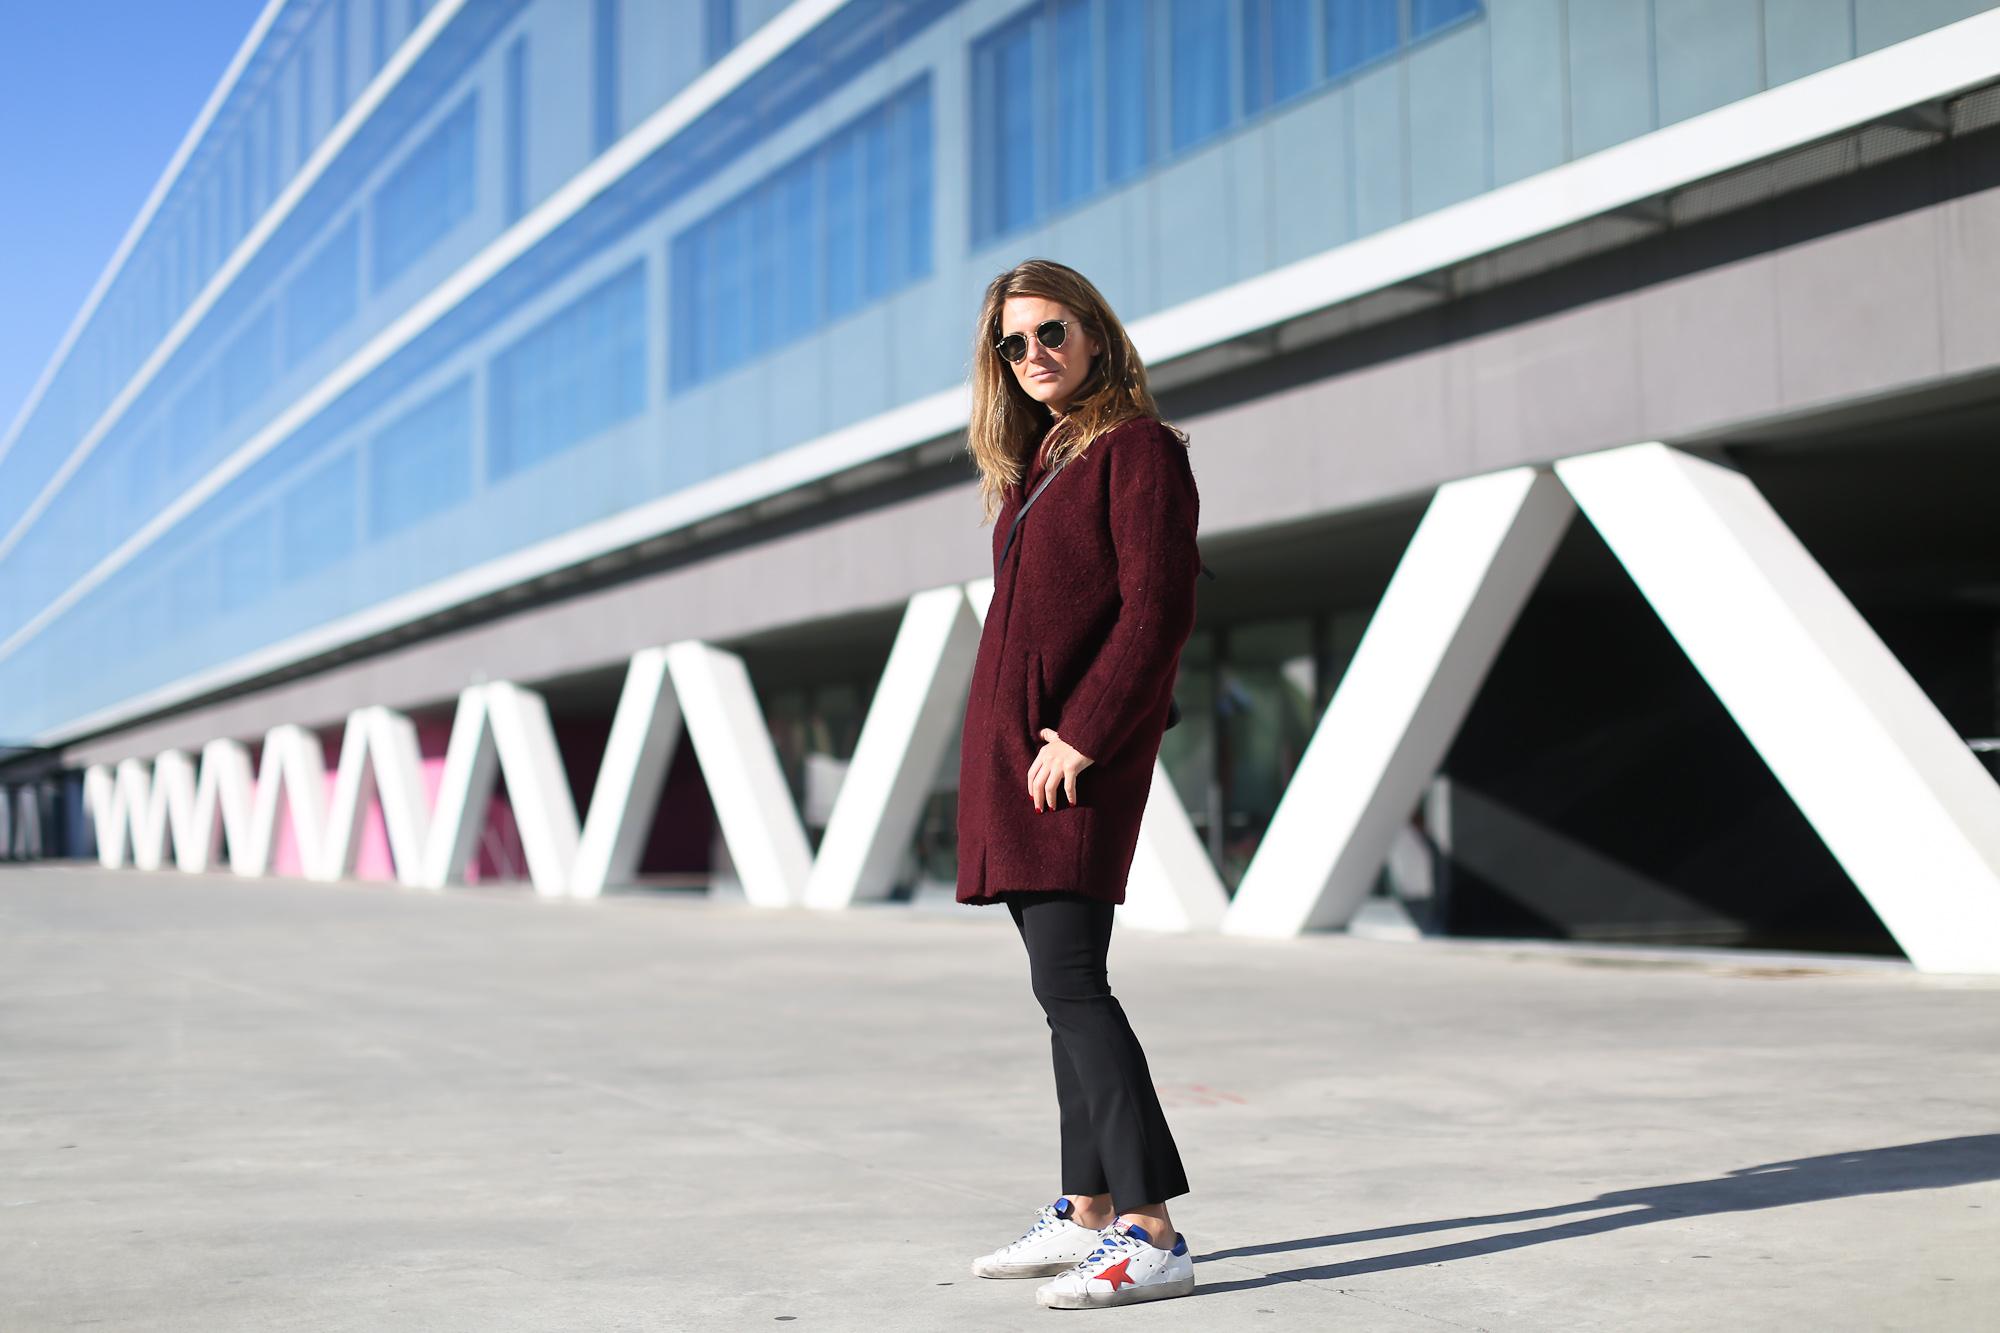 Clochet_streetstyle_golden_goose_deluxe_brand_sneakers_burgundy_coat-2